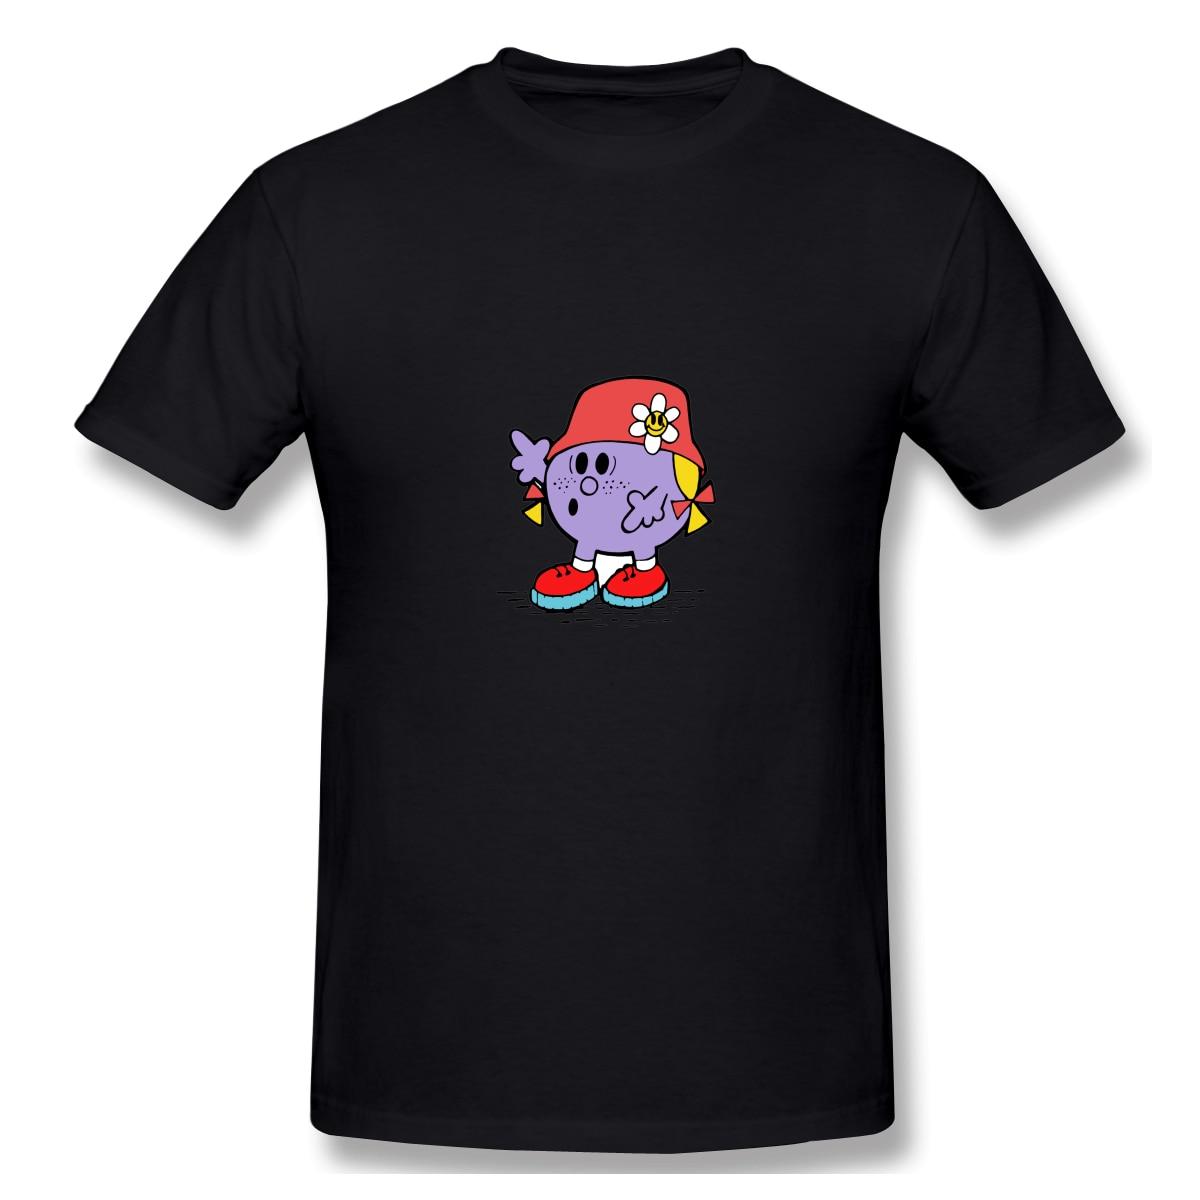 La señorita un Choonage respetos Banger y Rave hombres cortas Básicas Camiseta de manga tamaño europeo